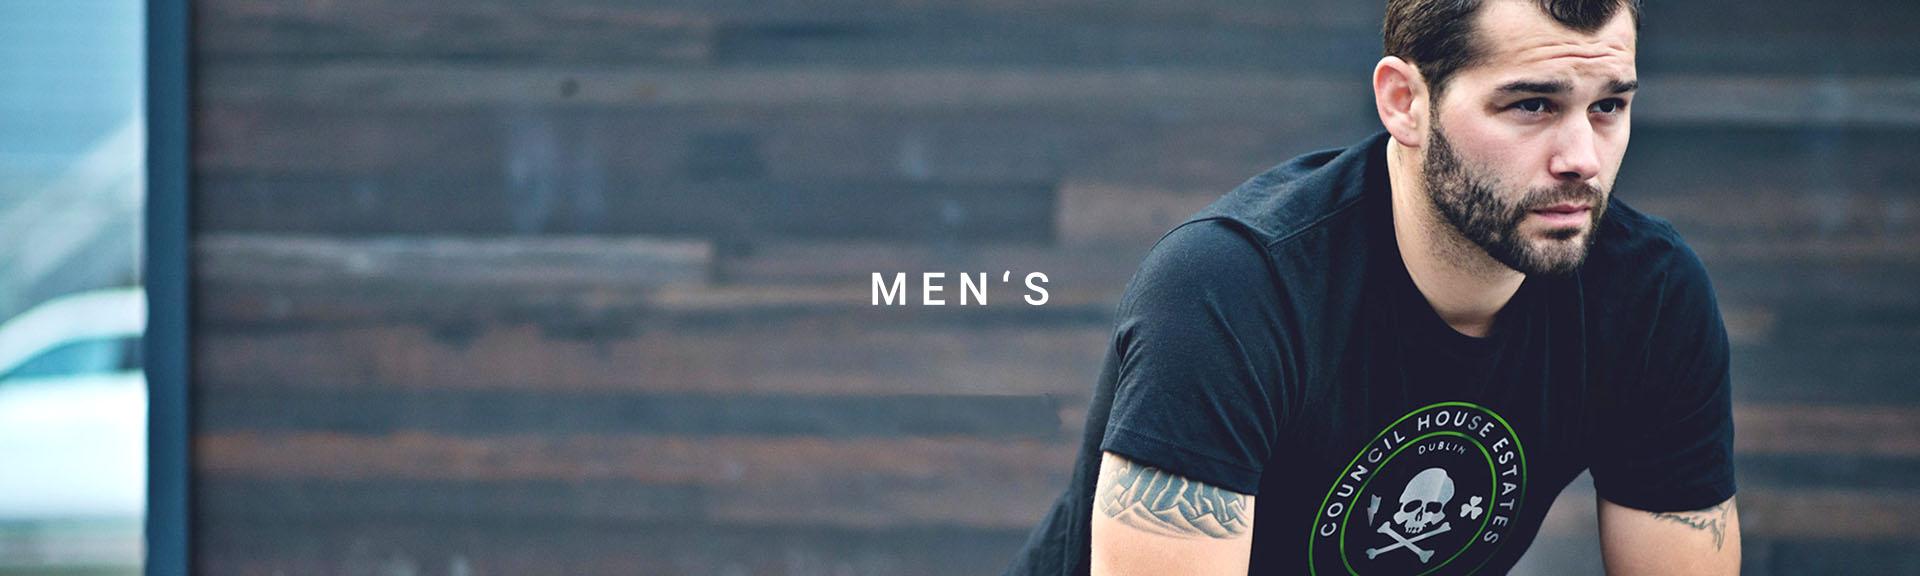 خرید اینترنتی پوشاک مردانه